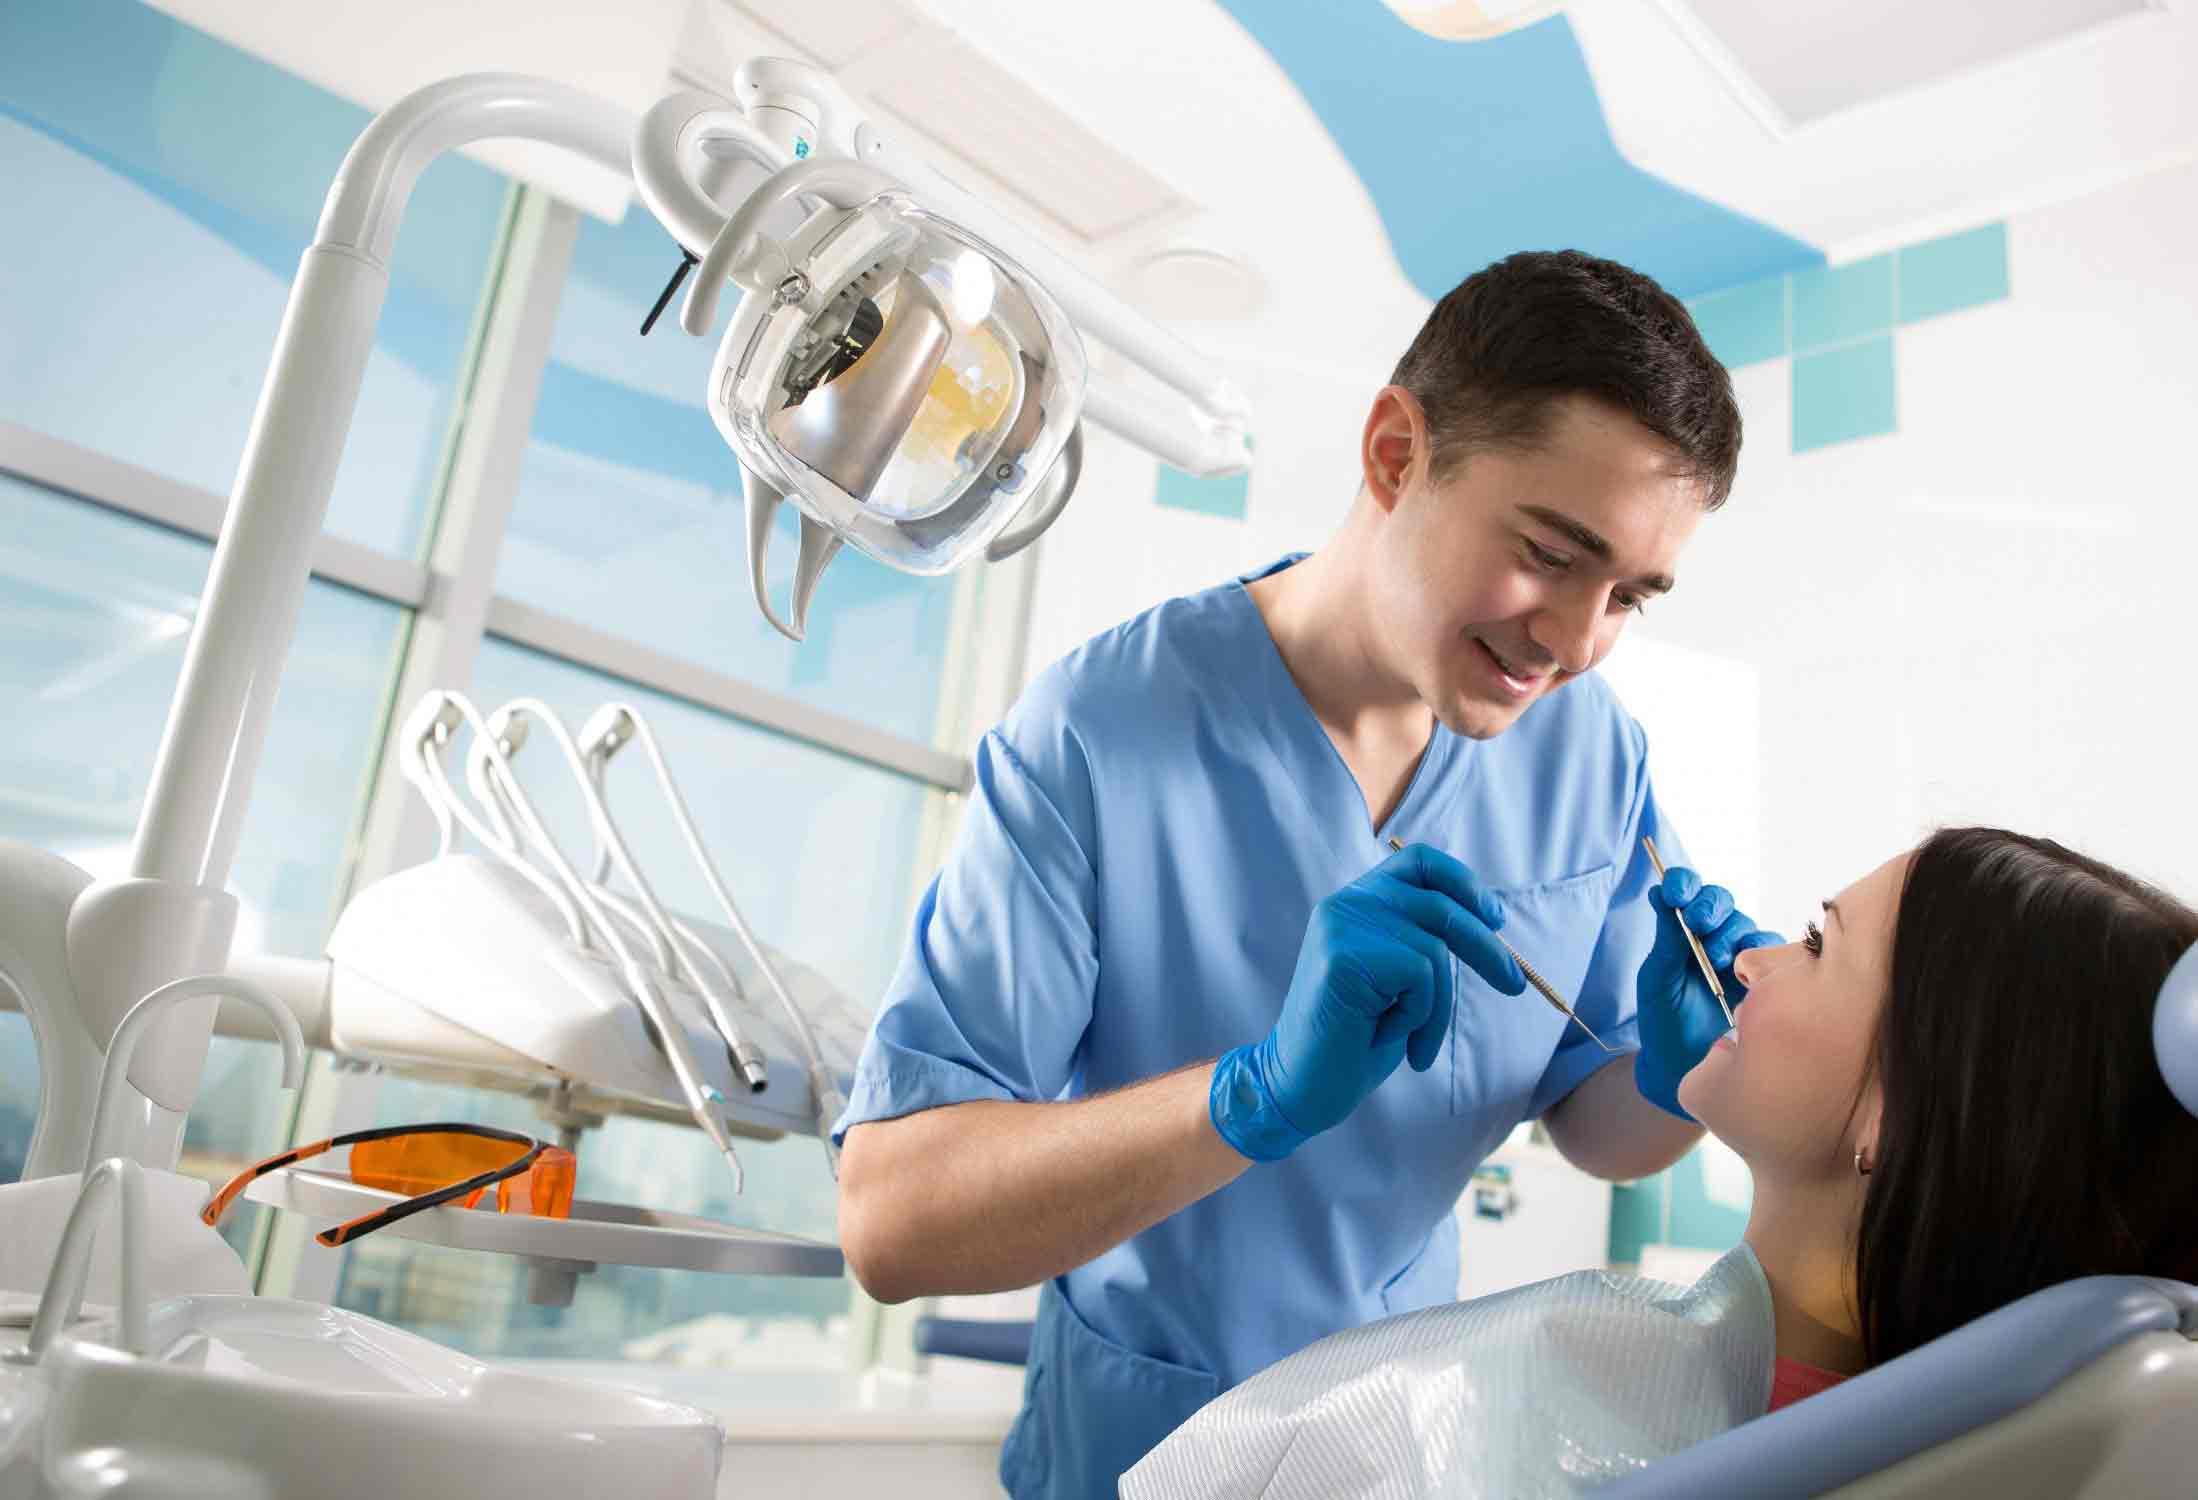 trồng răng cấy ghép implant, cấy ghép răng implant là gì, cấy ghép răng bằng phương pháp implant, giá cấy ghép răng implant, giá tiền cấy ghép răng implant, giá cả cấy ghép răng implant, cấy ghép răng implant bao nhiêu tiền, cấy ghép răng implant giá bao nhiêu, làm răng cấy ghép implant giá bao nhiêu, cấy ghép răng implant mất bao nhiêu tiền, cấy ghép implant có nguy hiểm không, cấy ghép răng implant có đau không, thời gian cấy ghép răng implant, cấy ghép răng implant mất bao lâu, cấy răng implant như thế nào, quy trình cấy ghép răng implant, kỹ thuật cấy ghép răng implant, phương pháp cấy ghép răng implant, cấy ghép răng implant ở đâu tốt, cấy ghép răng implant uy tín, cấy ghép implant khi mất hết răng